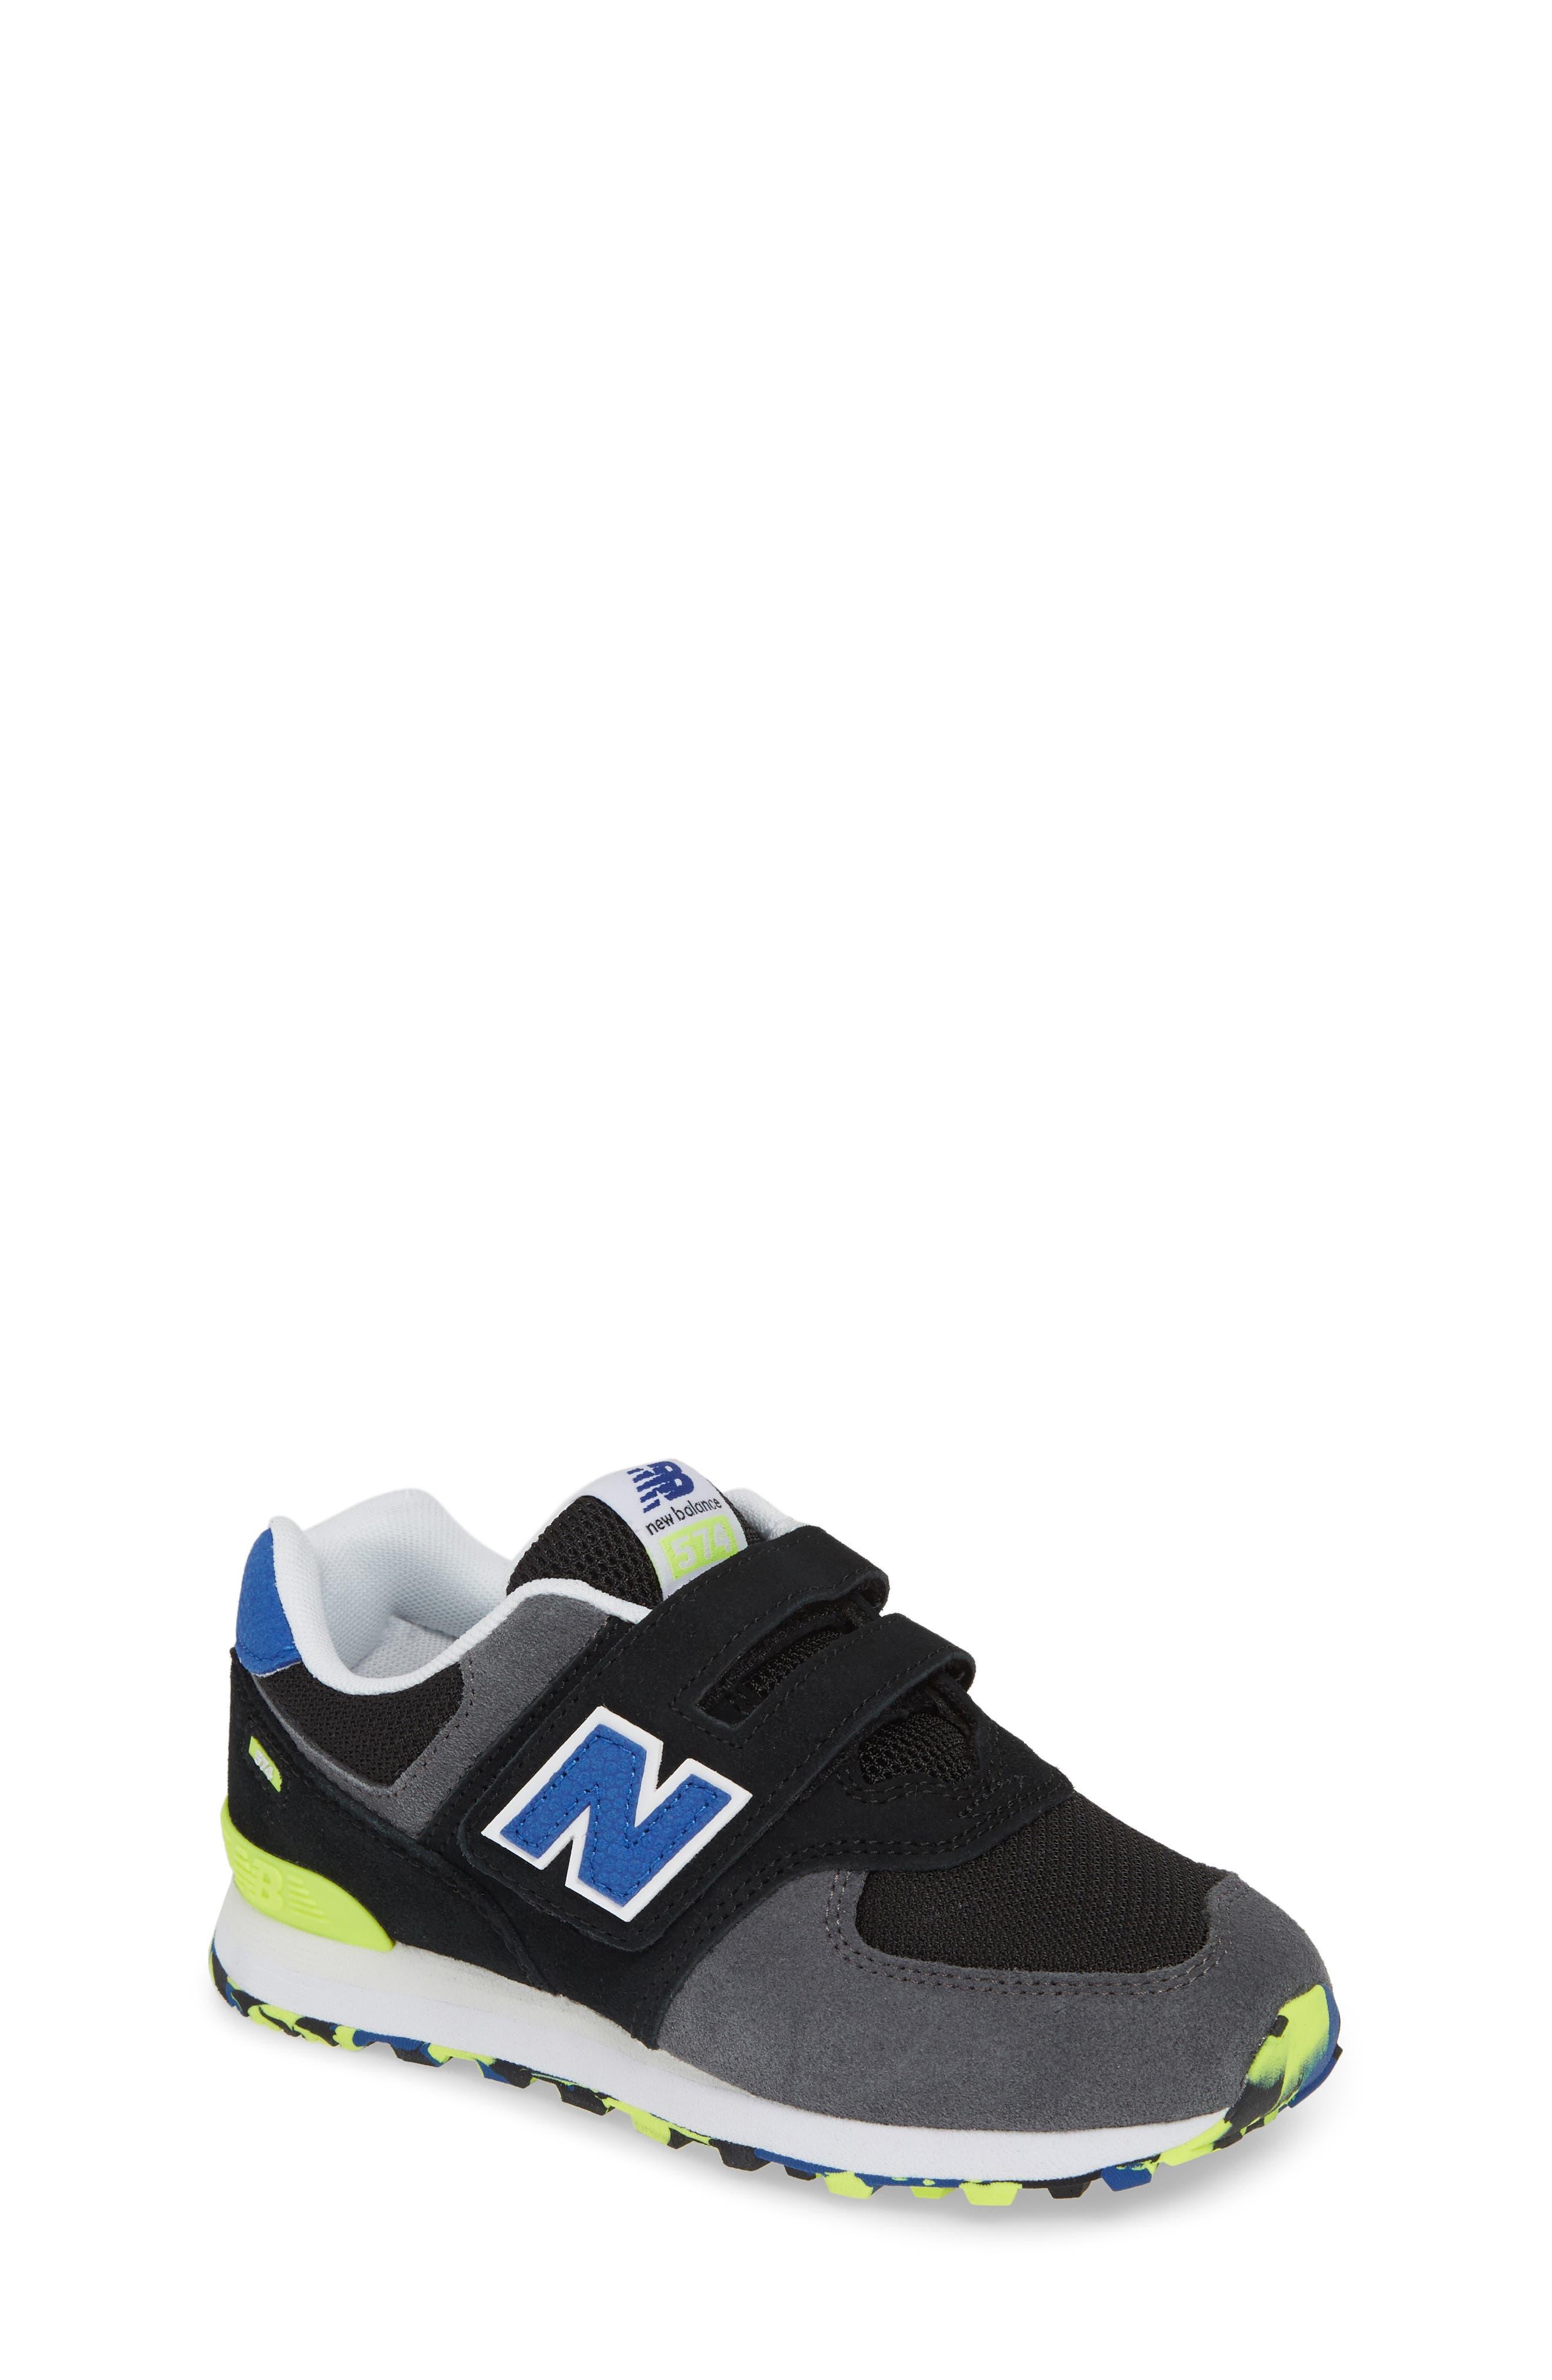 NEW BALANCE, 574 Sneaker, Main thumbnail 1, color, BLACK/ BLACK